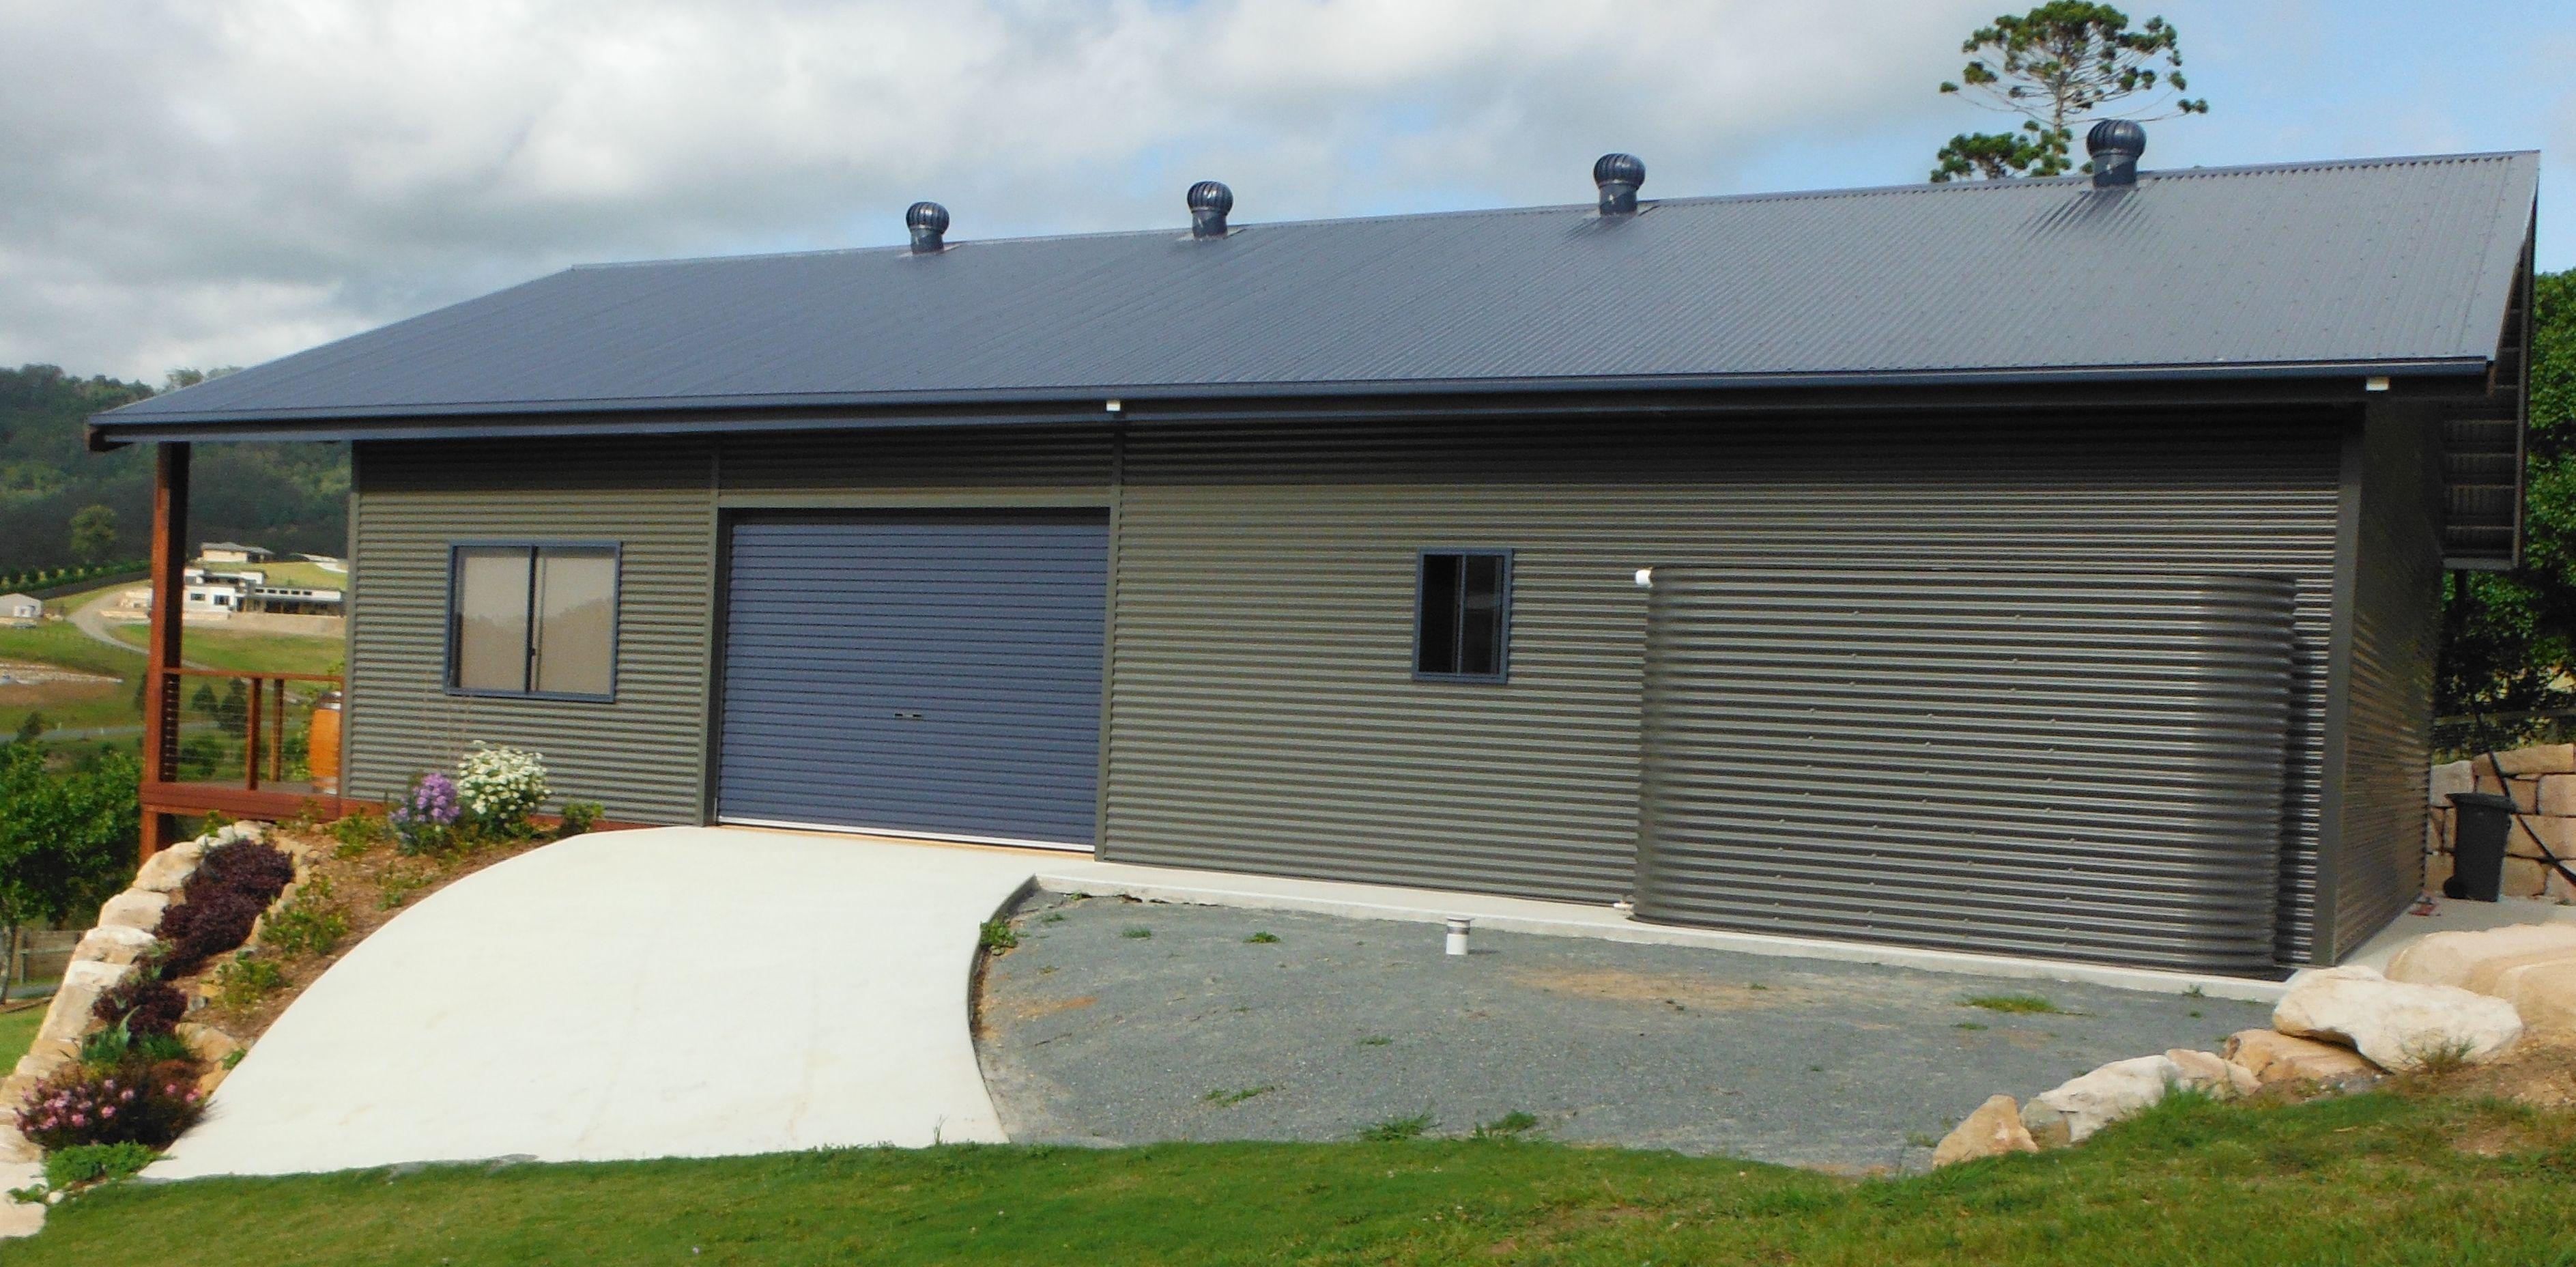 Large Industrial Garage Sheds For Sale in Melbourne